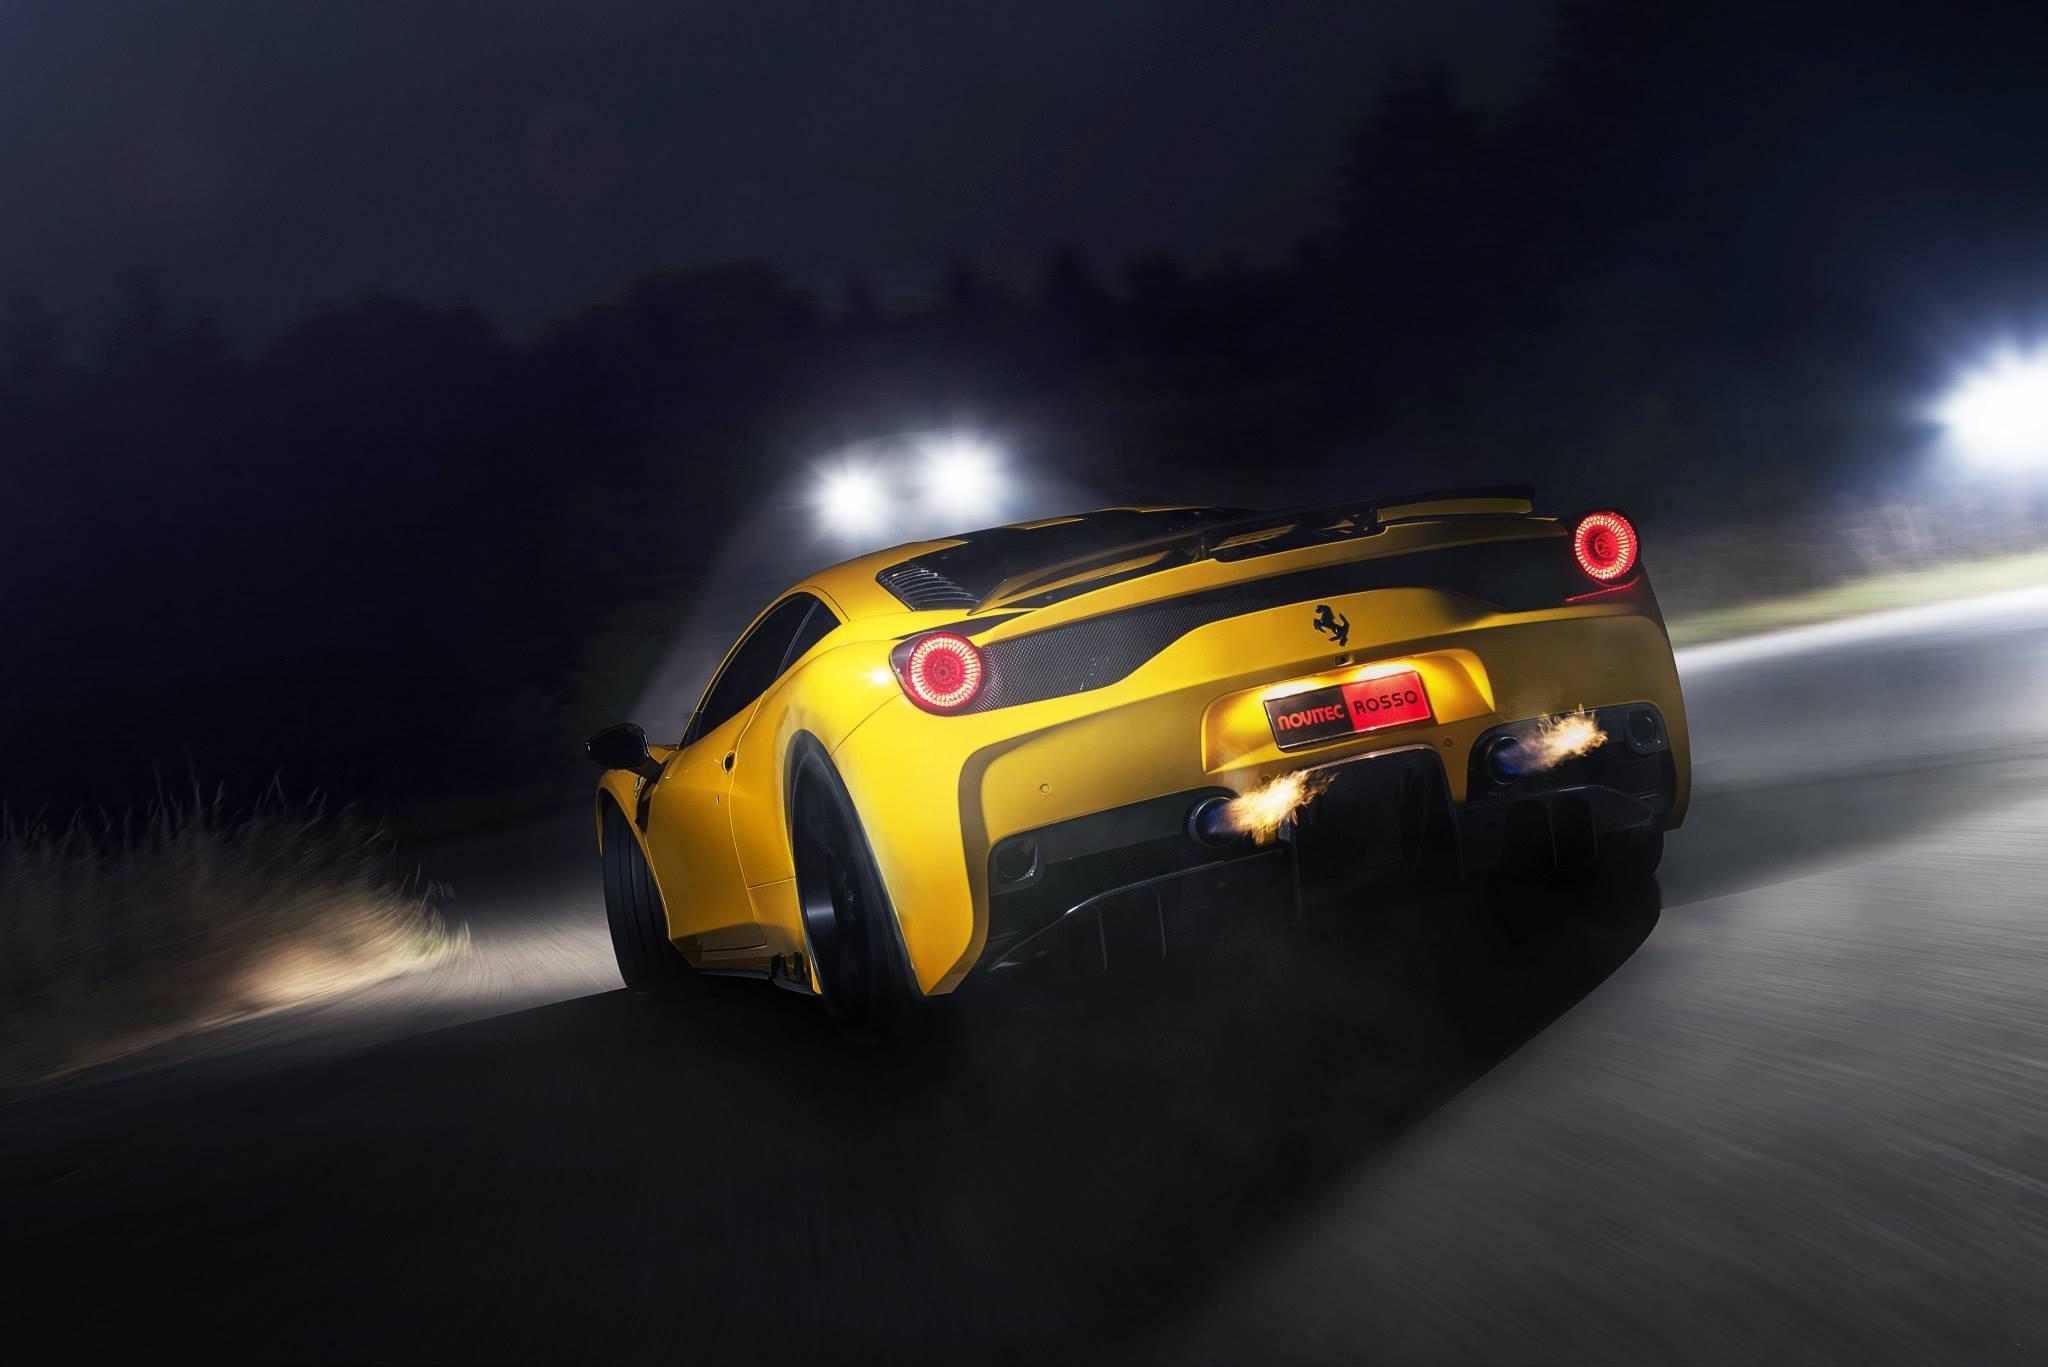 74537 économiseurs d'écran et fonds d'écran Ferrari sur votre téléphone. Téléchargez Ferrari, Voitures, Phares, Lumières, Vue Arrière, 458 Spéciale, 458 Speciale images gratuitement